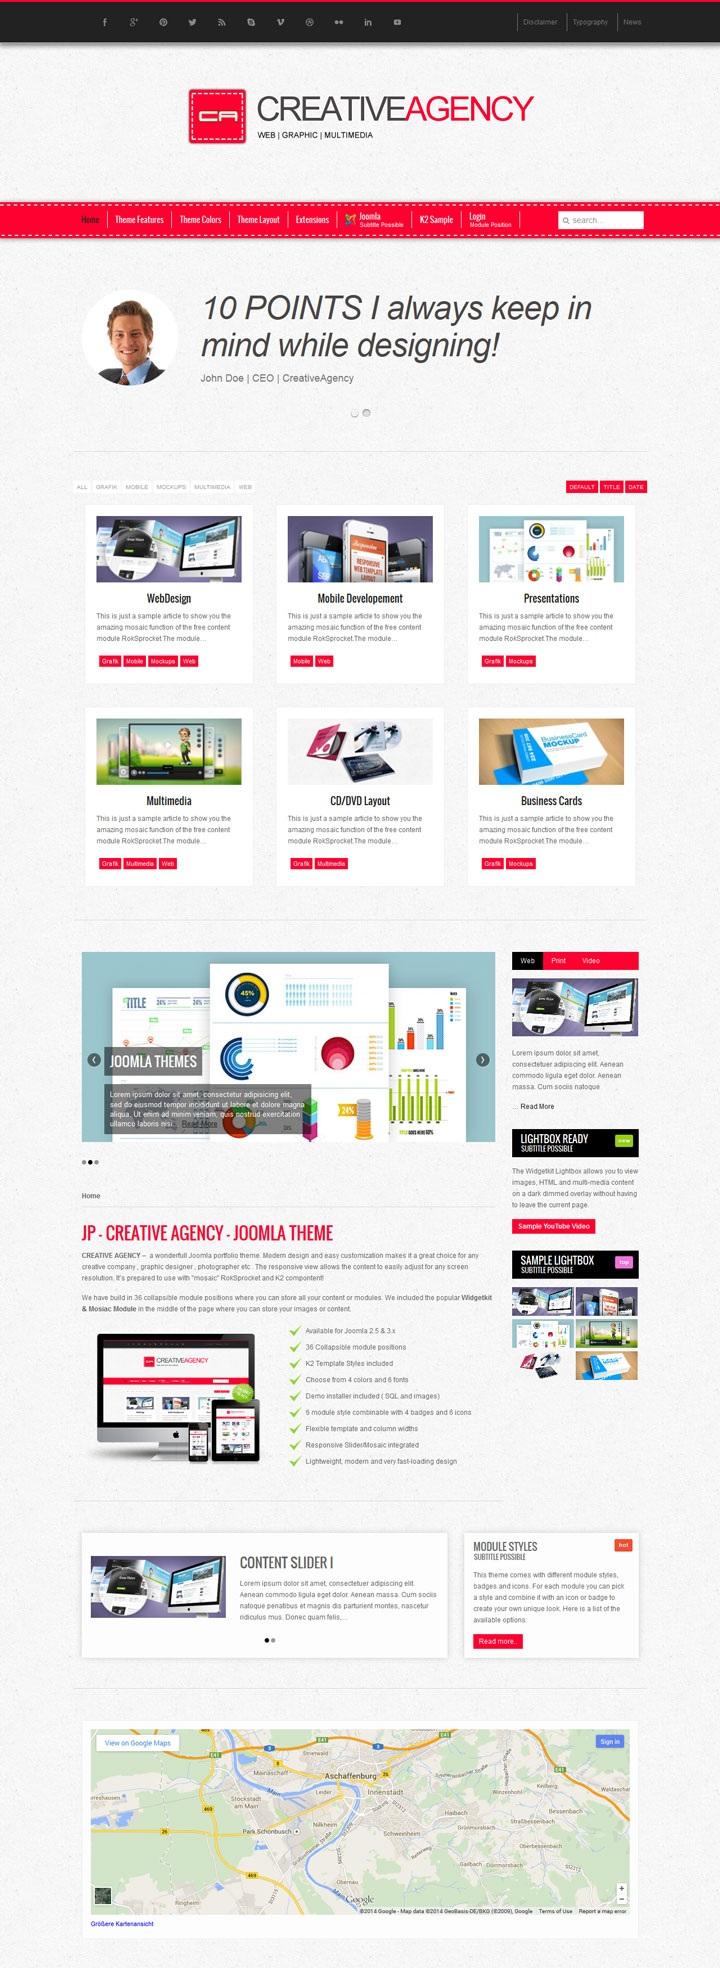 Мощная реклама и разработка сайта для успешного бизнеса ponsors яндекс винница реклама окон и дверей